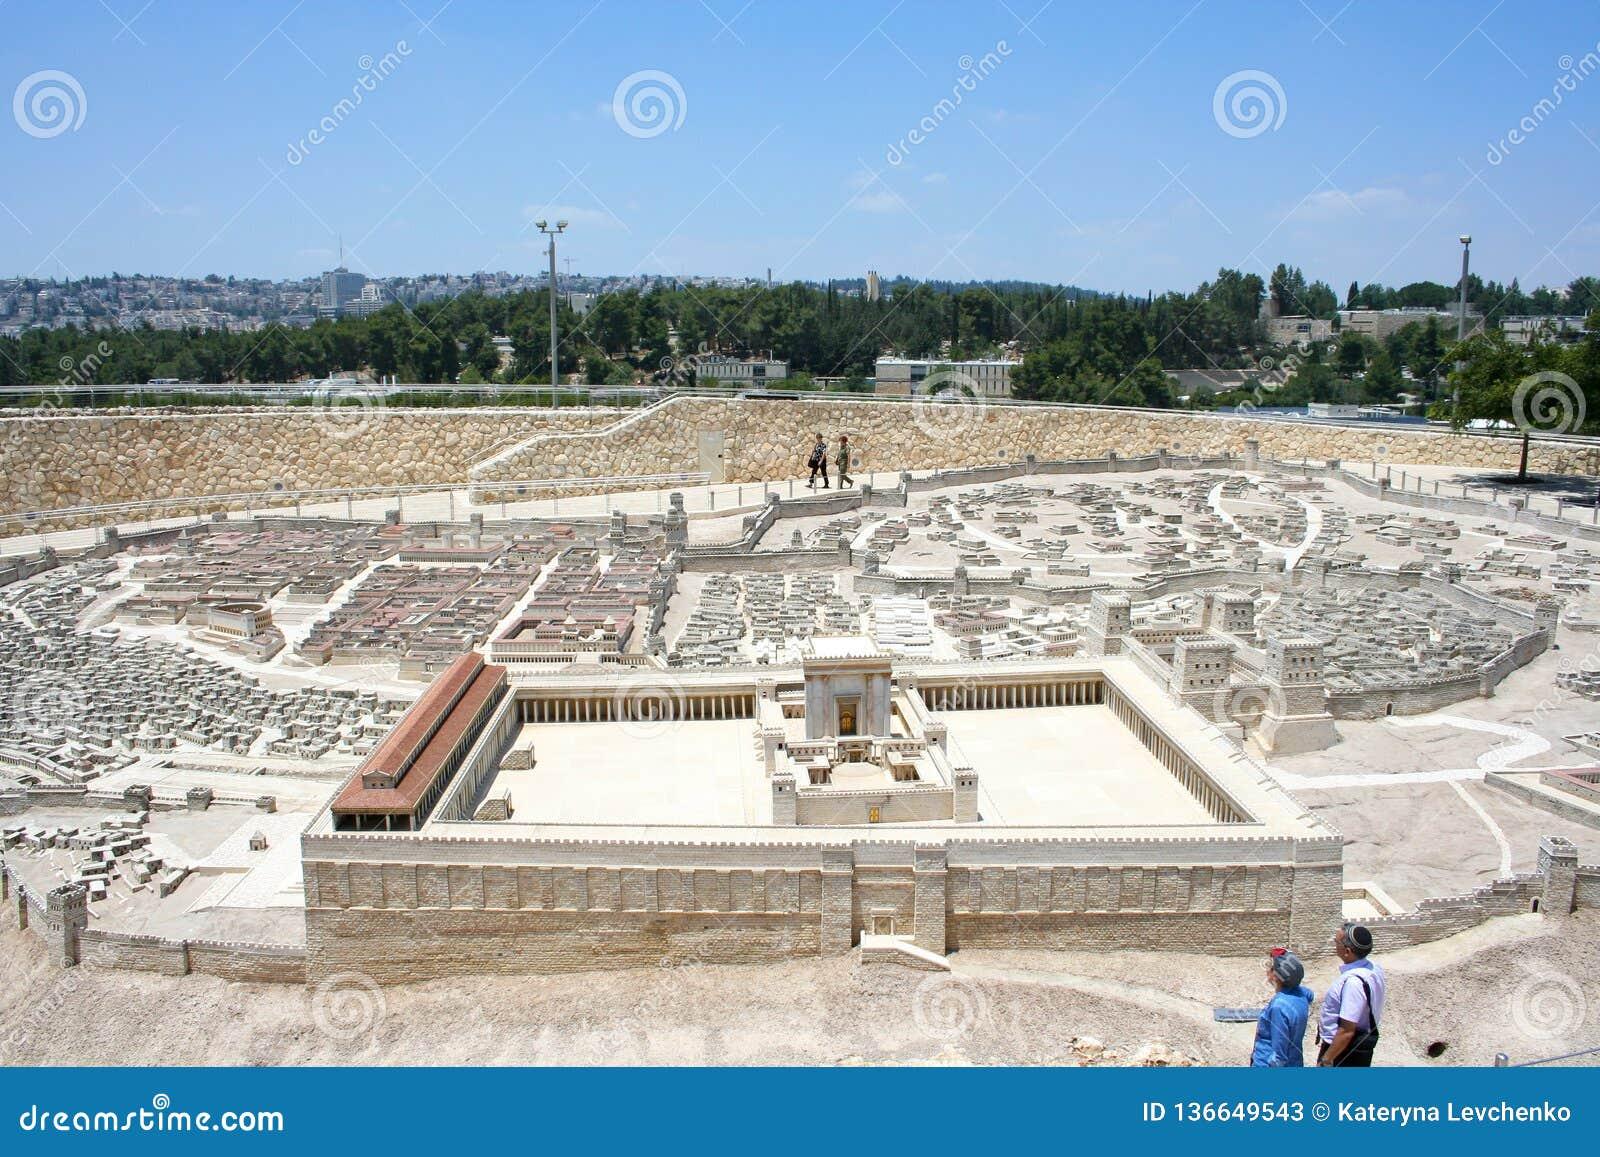 Modelo à escala do Jerusalém no segundo período do templo, Israel Museum